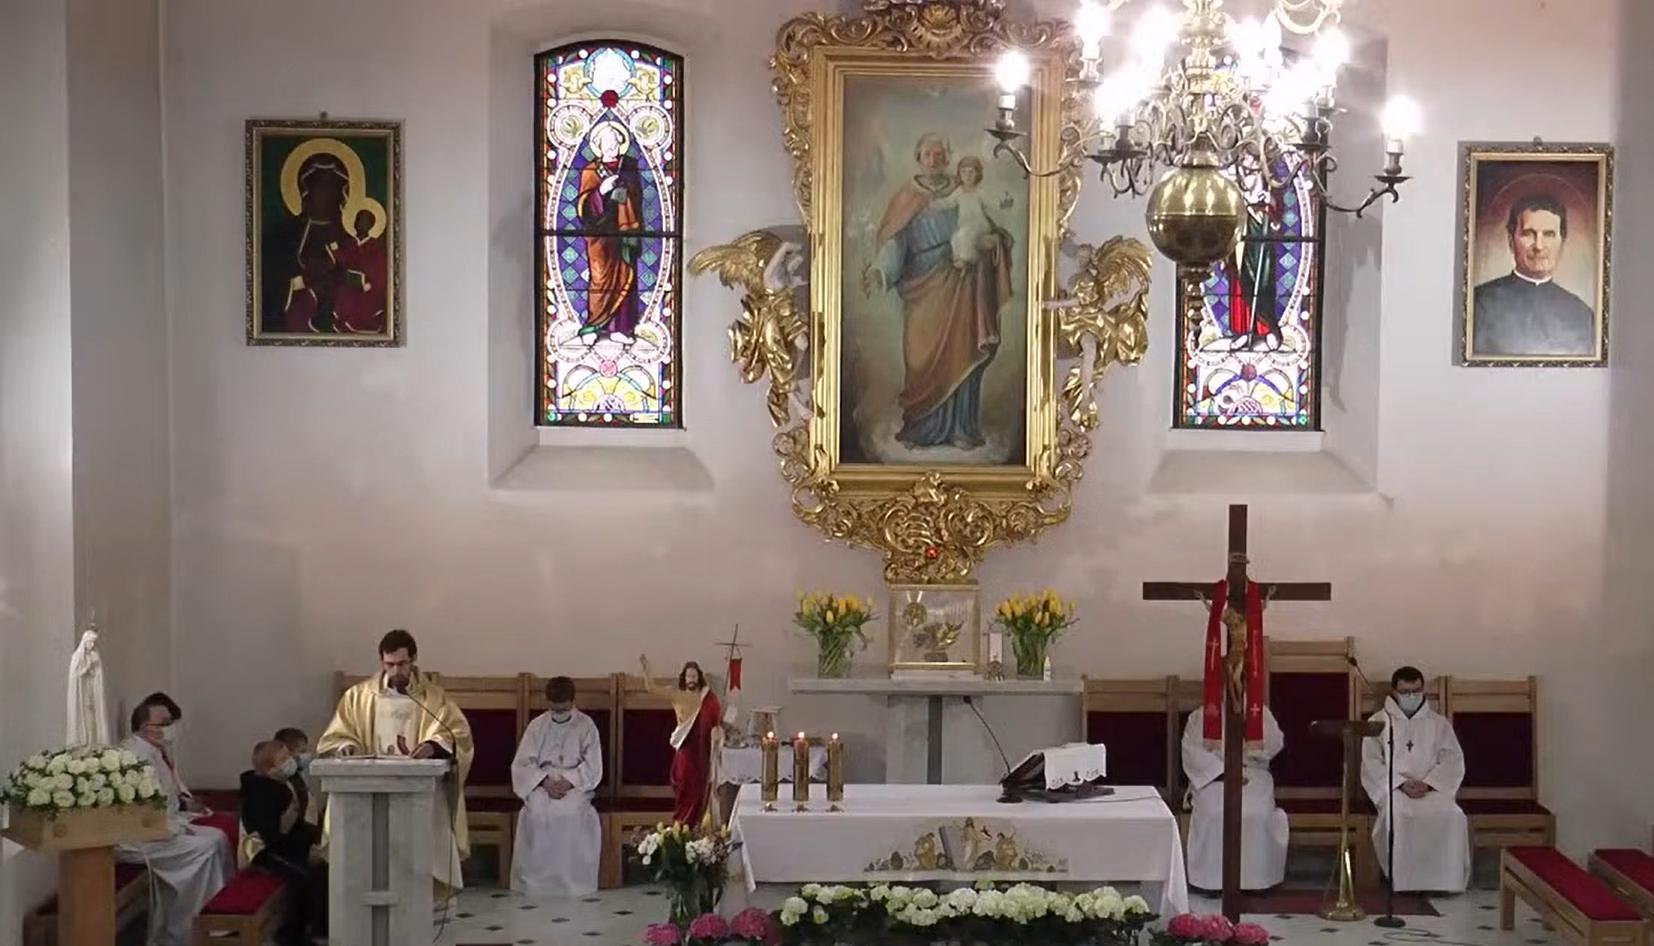 Na żywo z chocianowskiej świątyni o 11:30 (wideo)